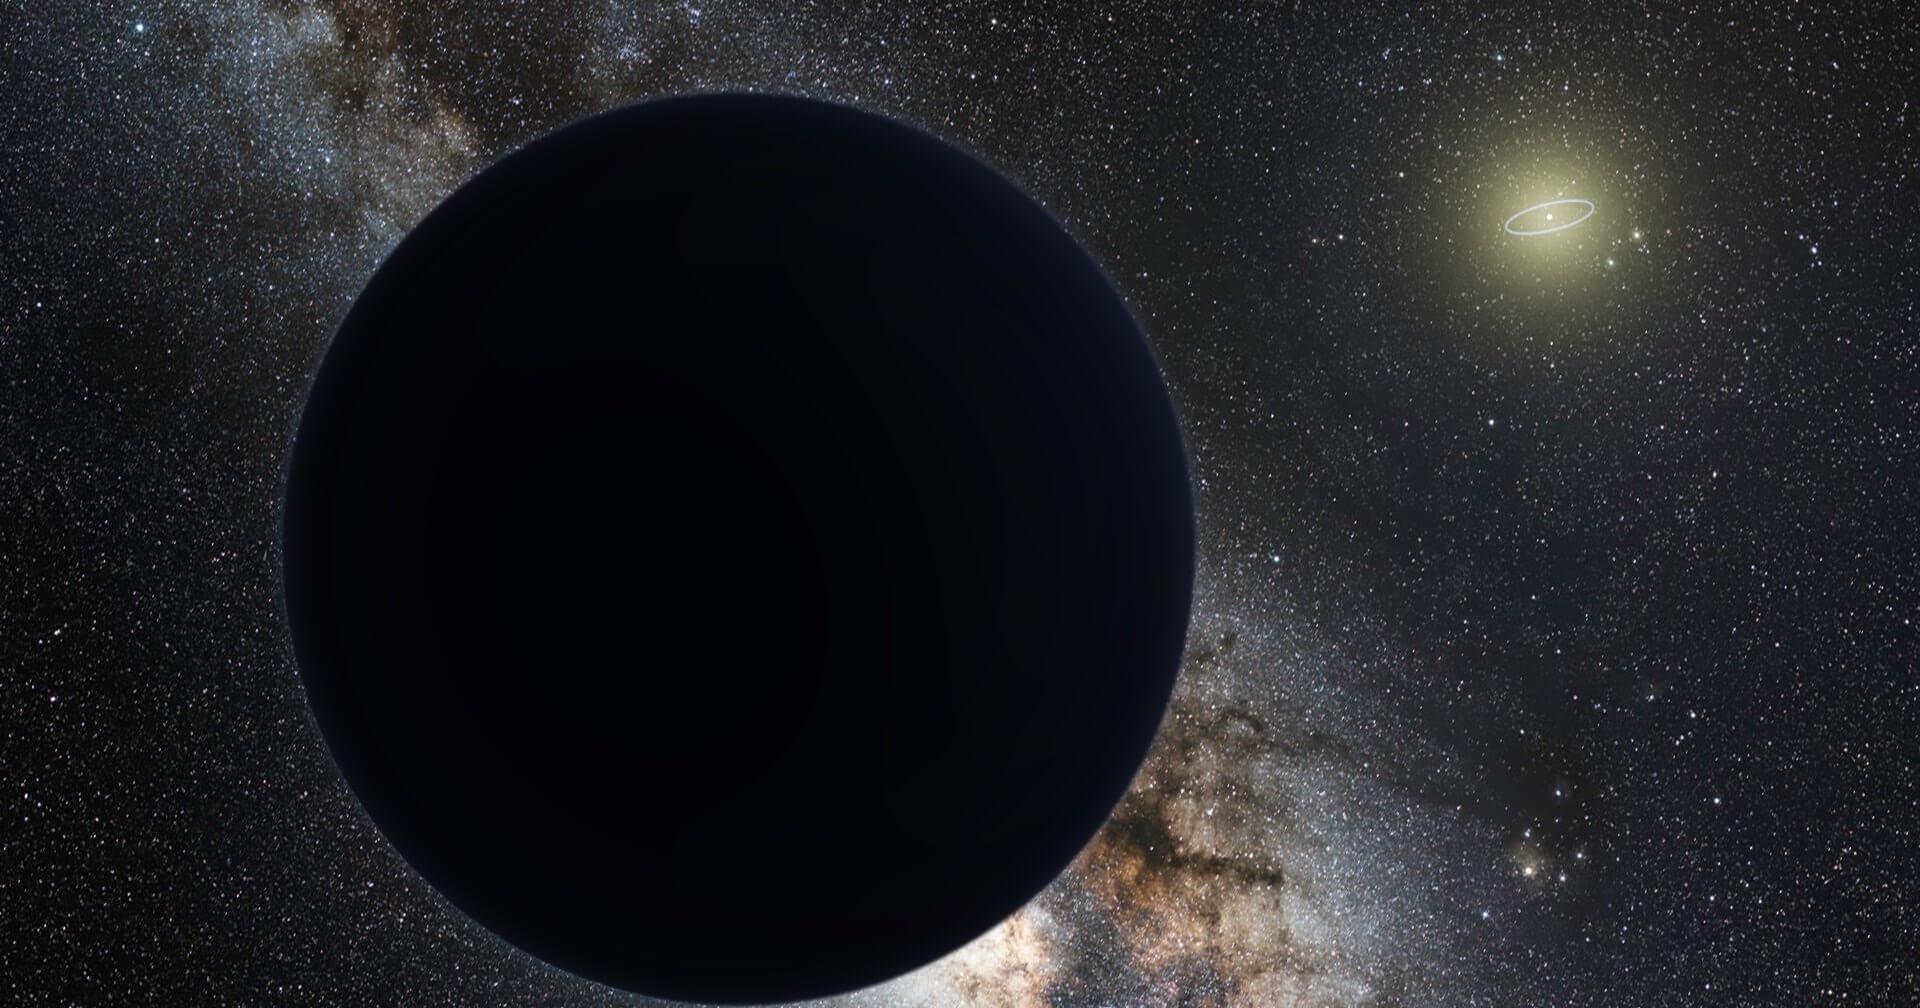 Может ли «Планета 9» оказаться черной дырой?